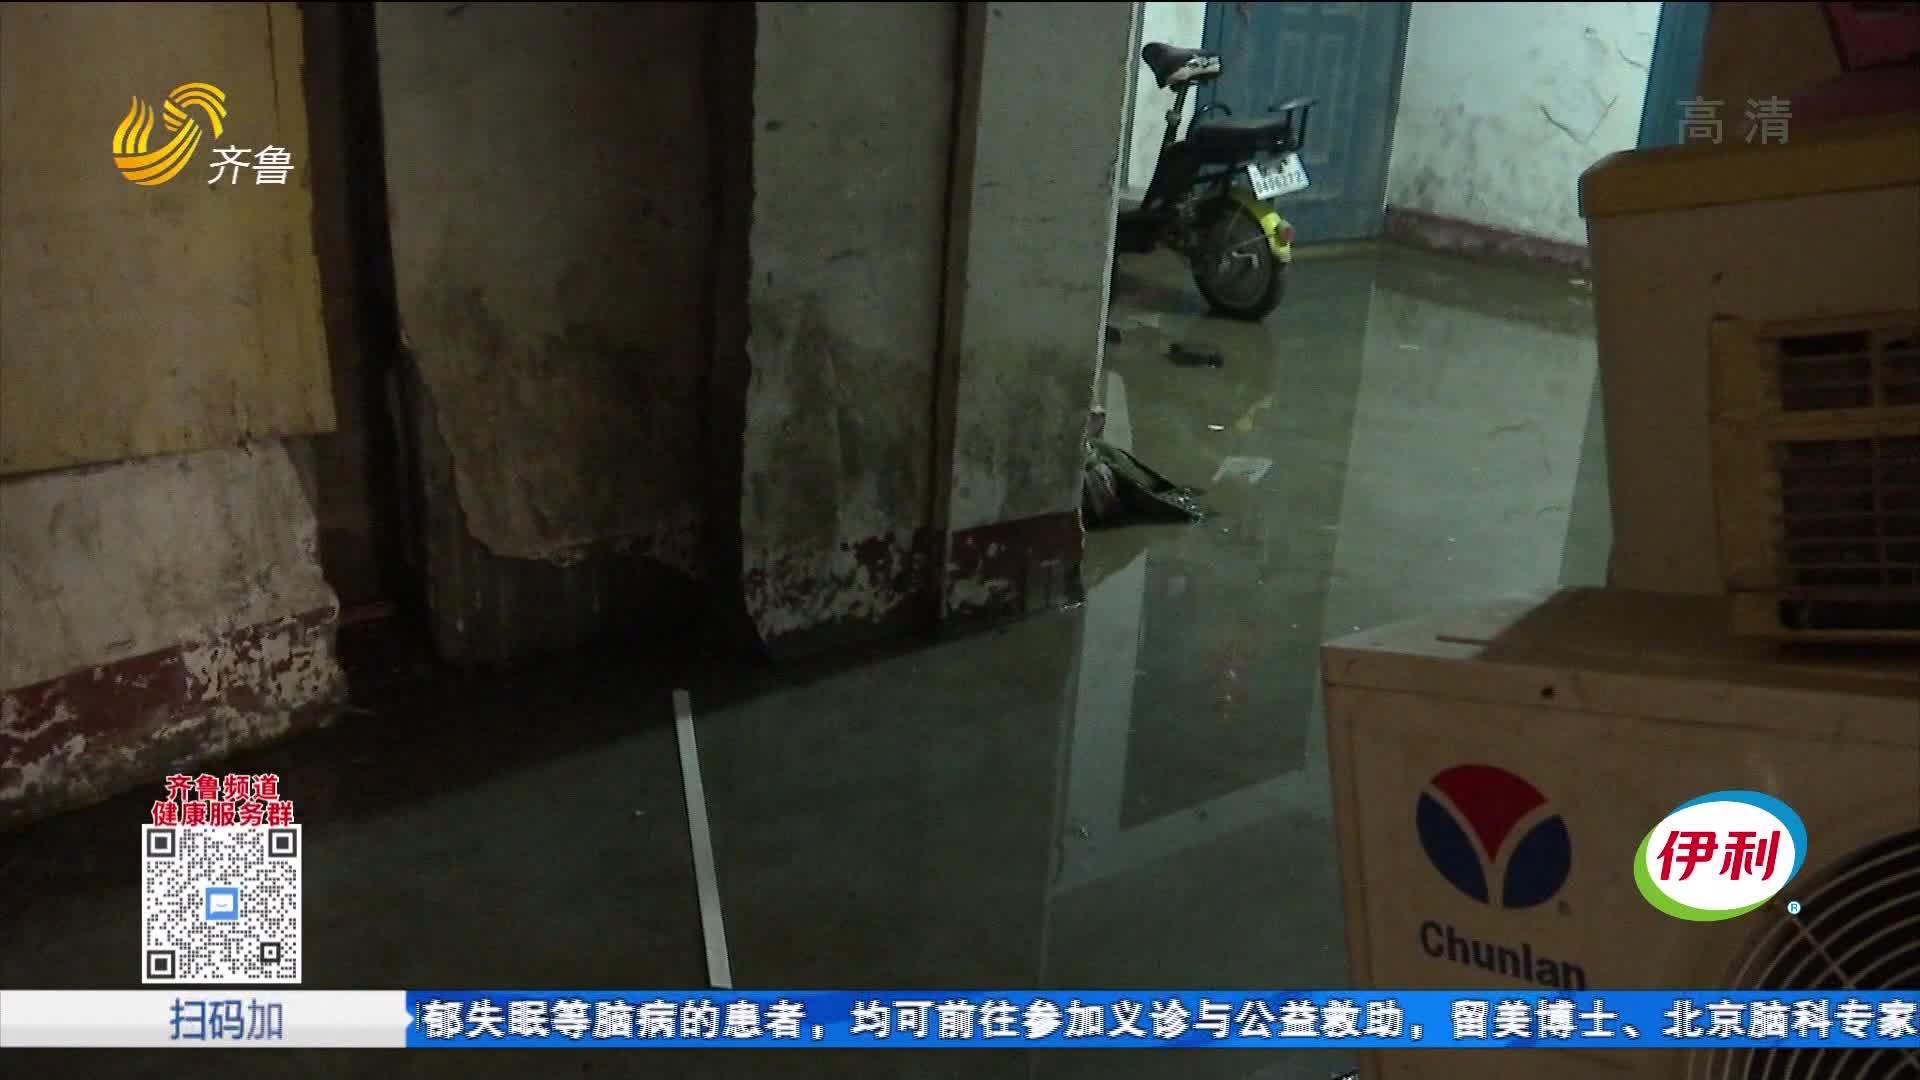 小区地下室返水 积水一周未退